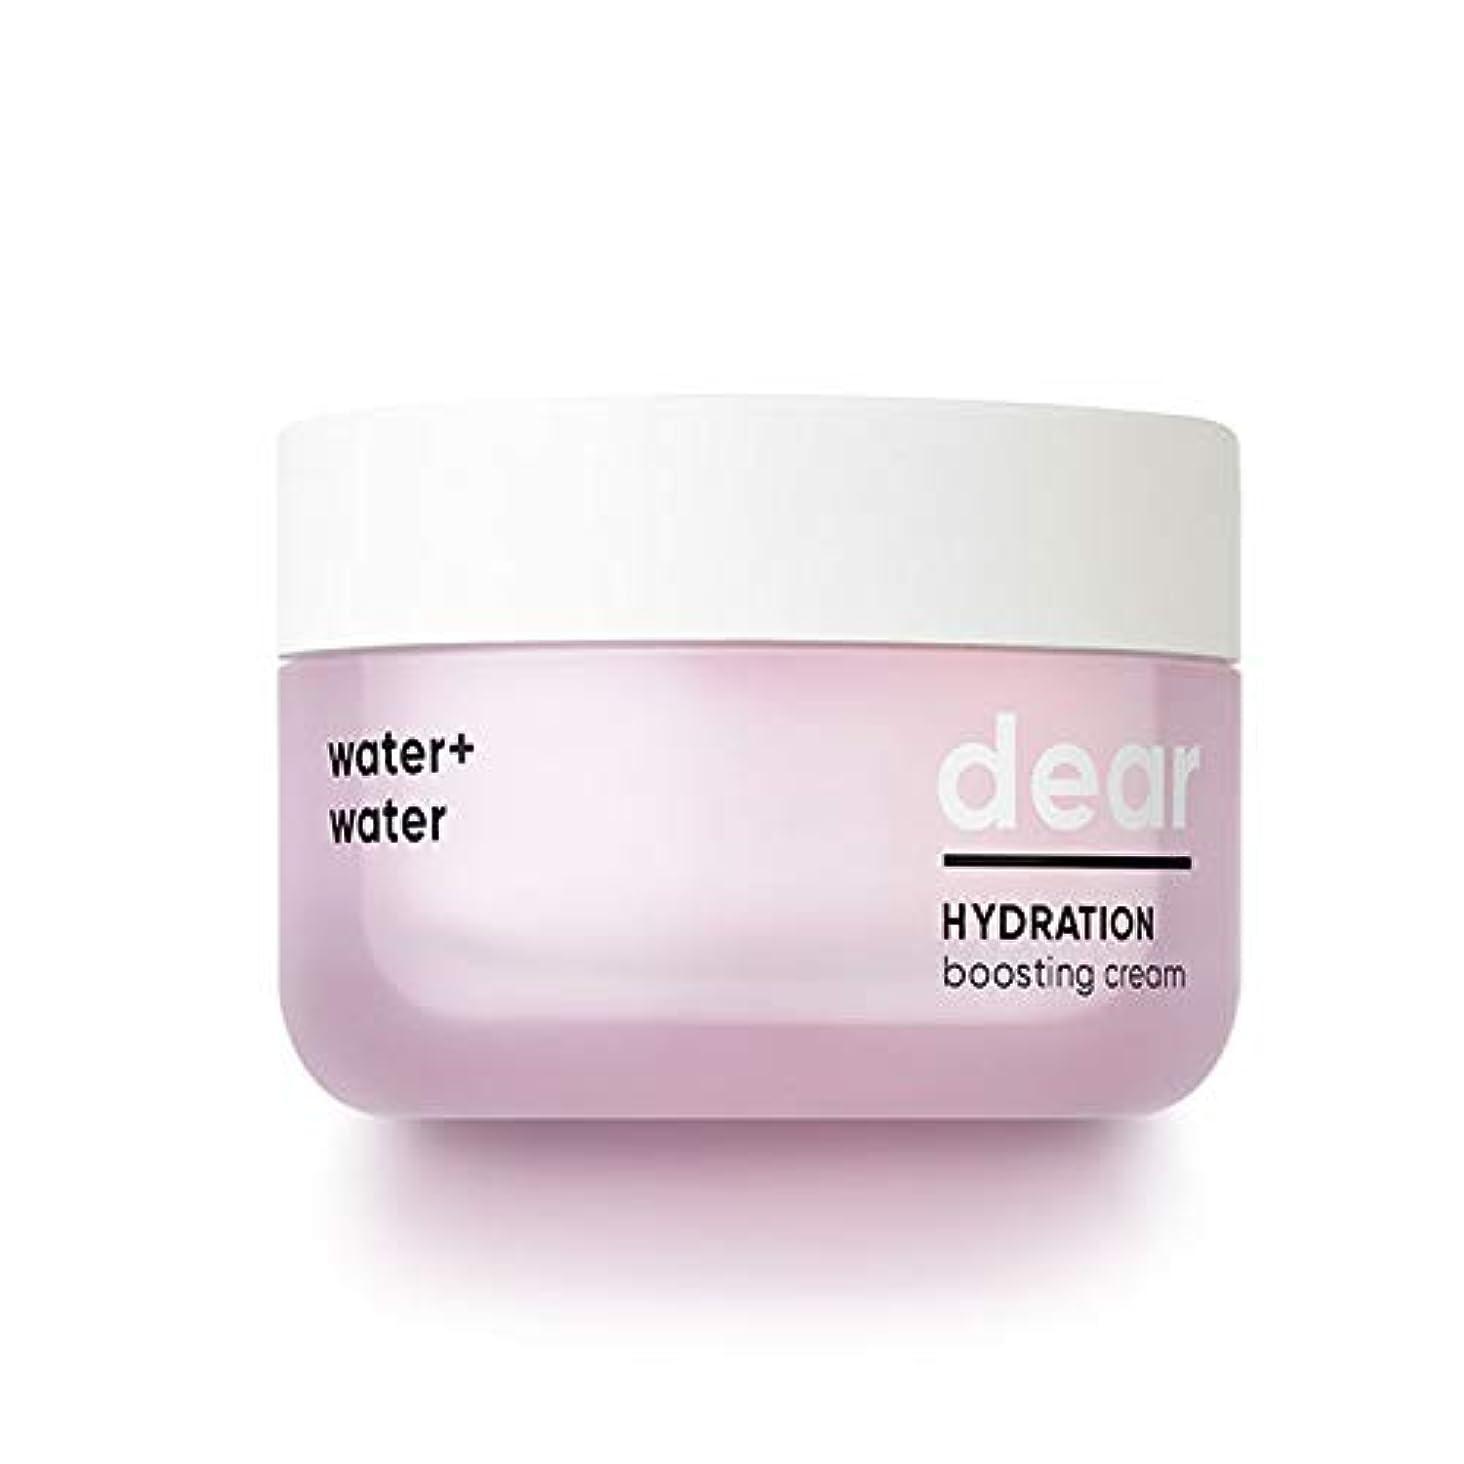 記述する突き刺す恐怖症BANILA CO(バニラコ) ディア ハイドレーション ブースティングクローム Dear Hydration Boosting Cream